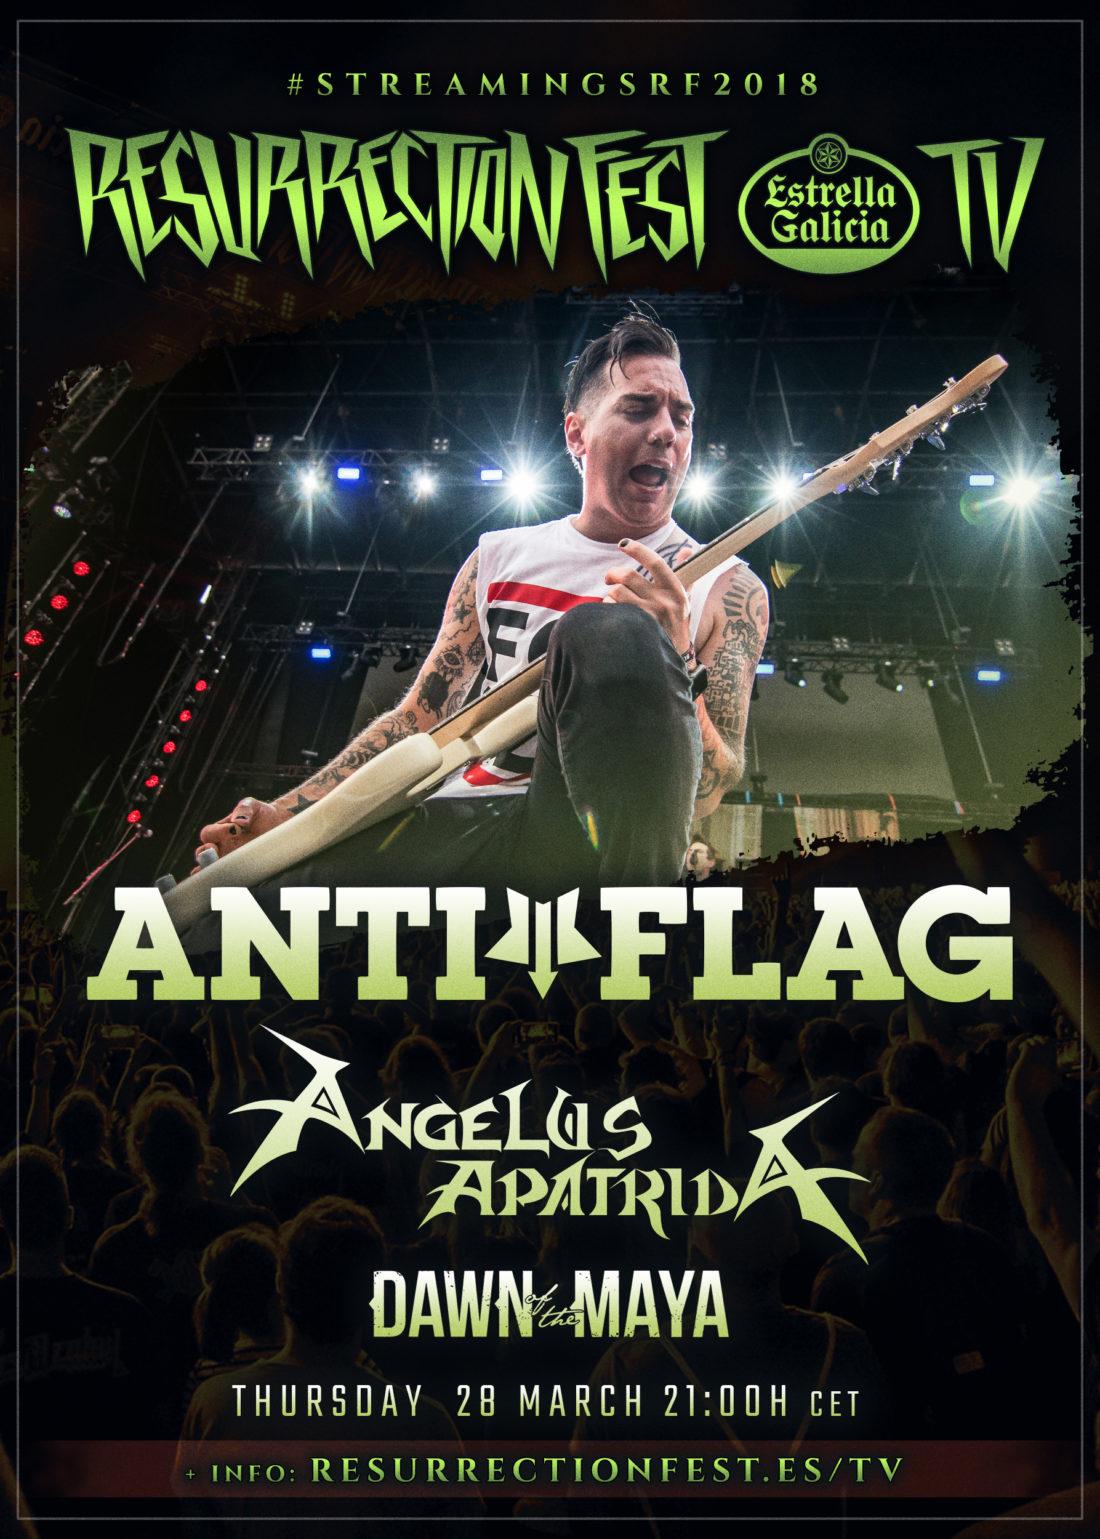 Nuevos conciertos en streaming del Resurrection Fest EG 2018: Anti-Flag, Angelus Apatrida y Dawn Of The Maya